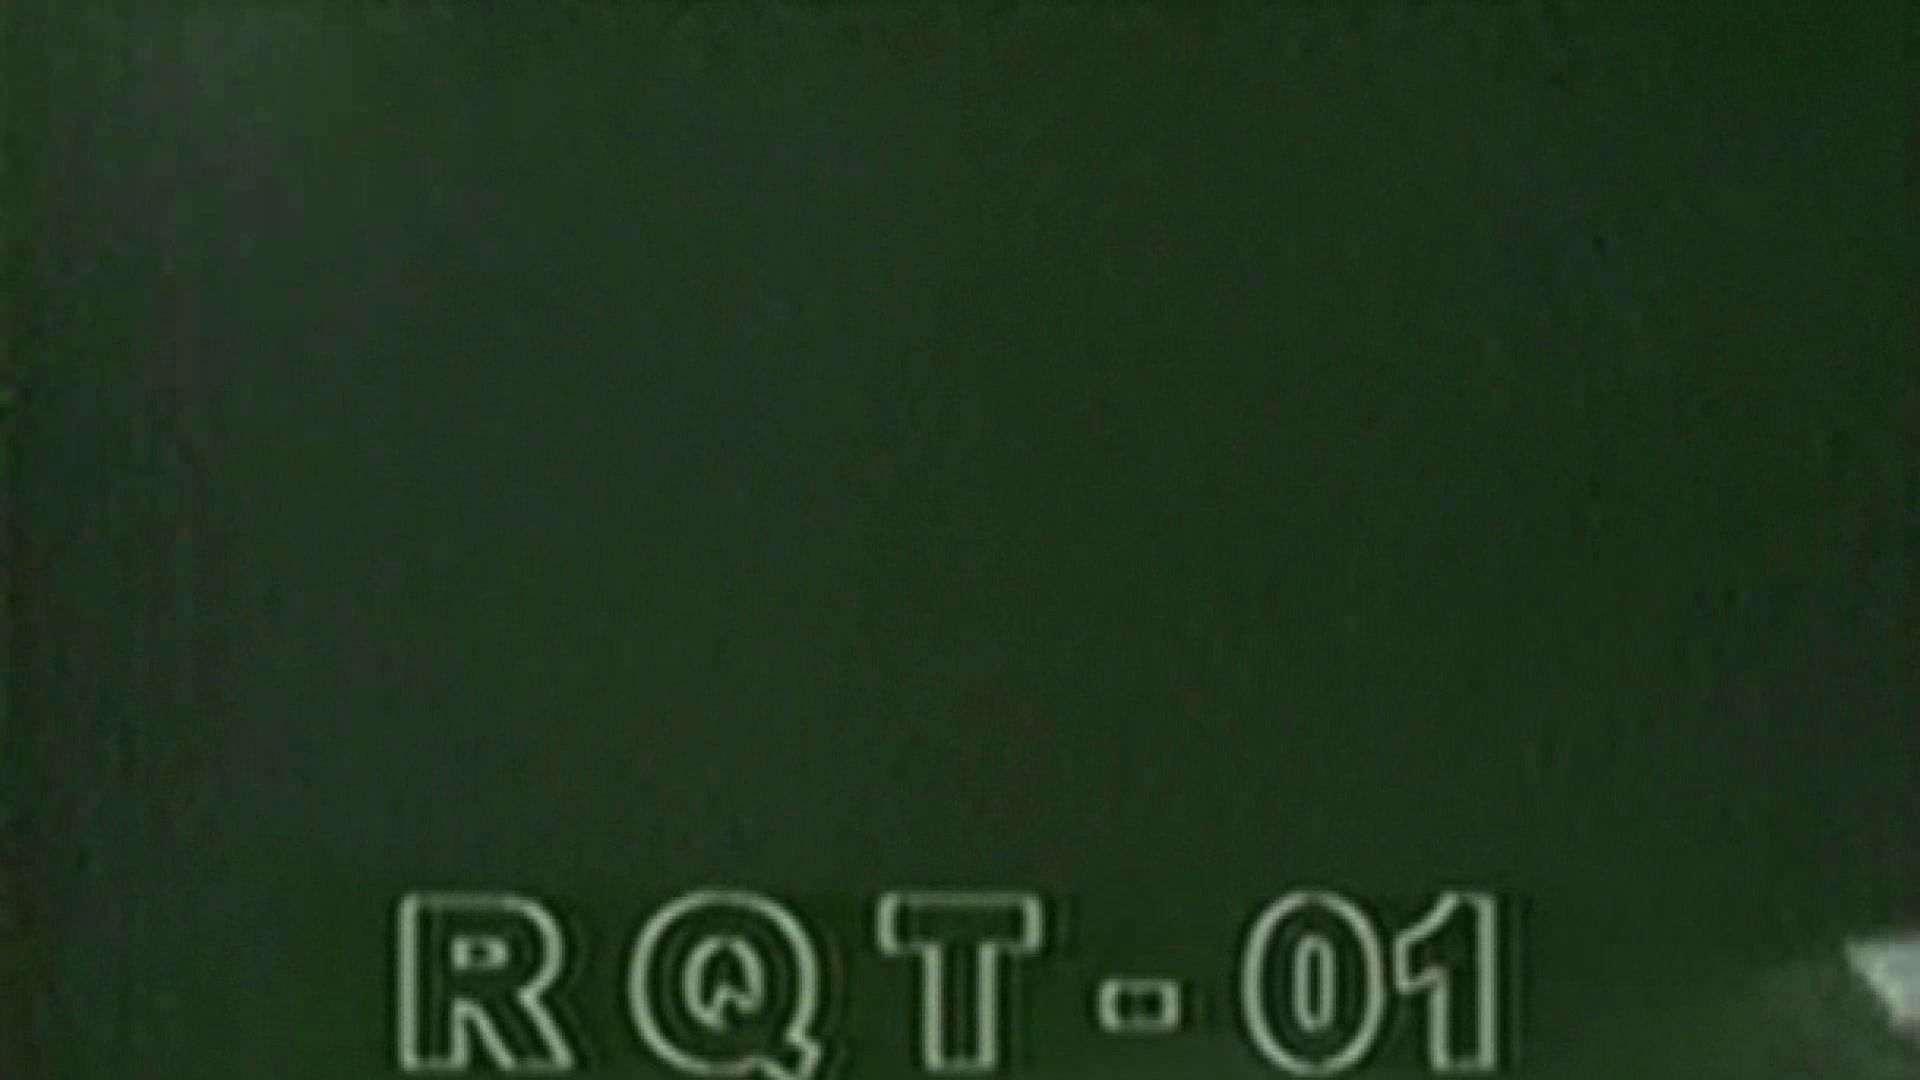 お姉さんの恥便所盗撮! Vol.2 OLエロ画像 盗撮ヌード画像 89PICs 87